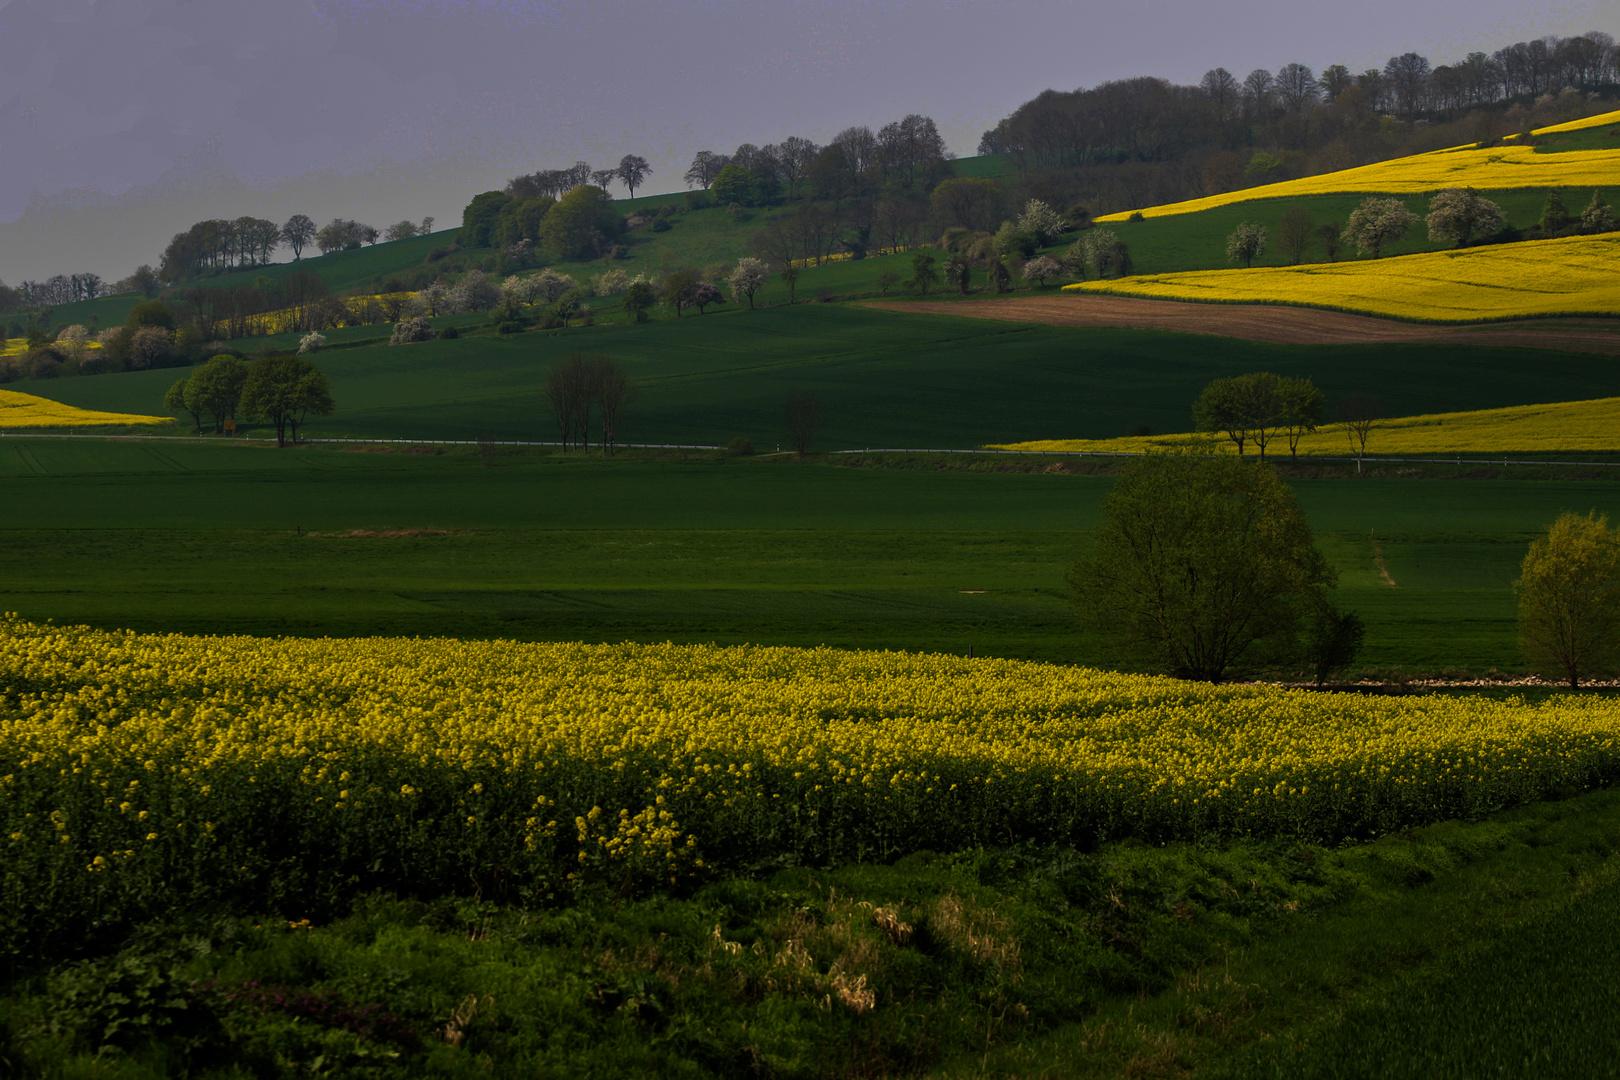 Rapsfelder im Weserbergland